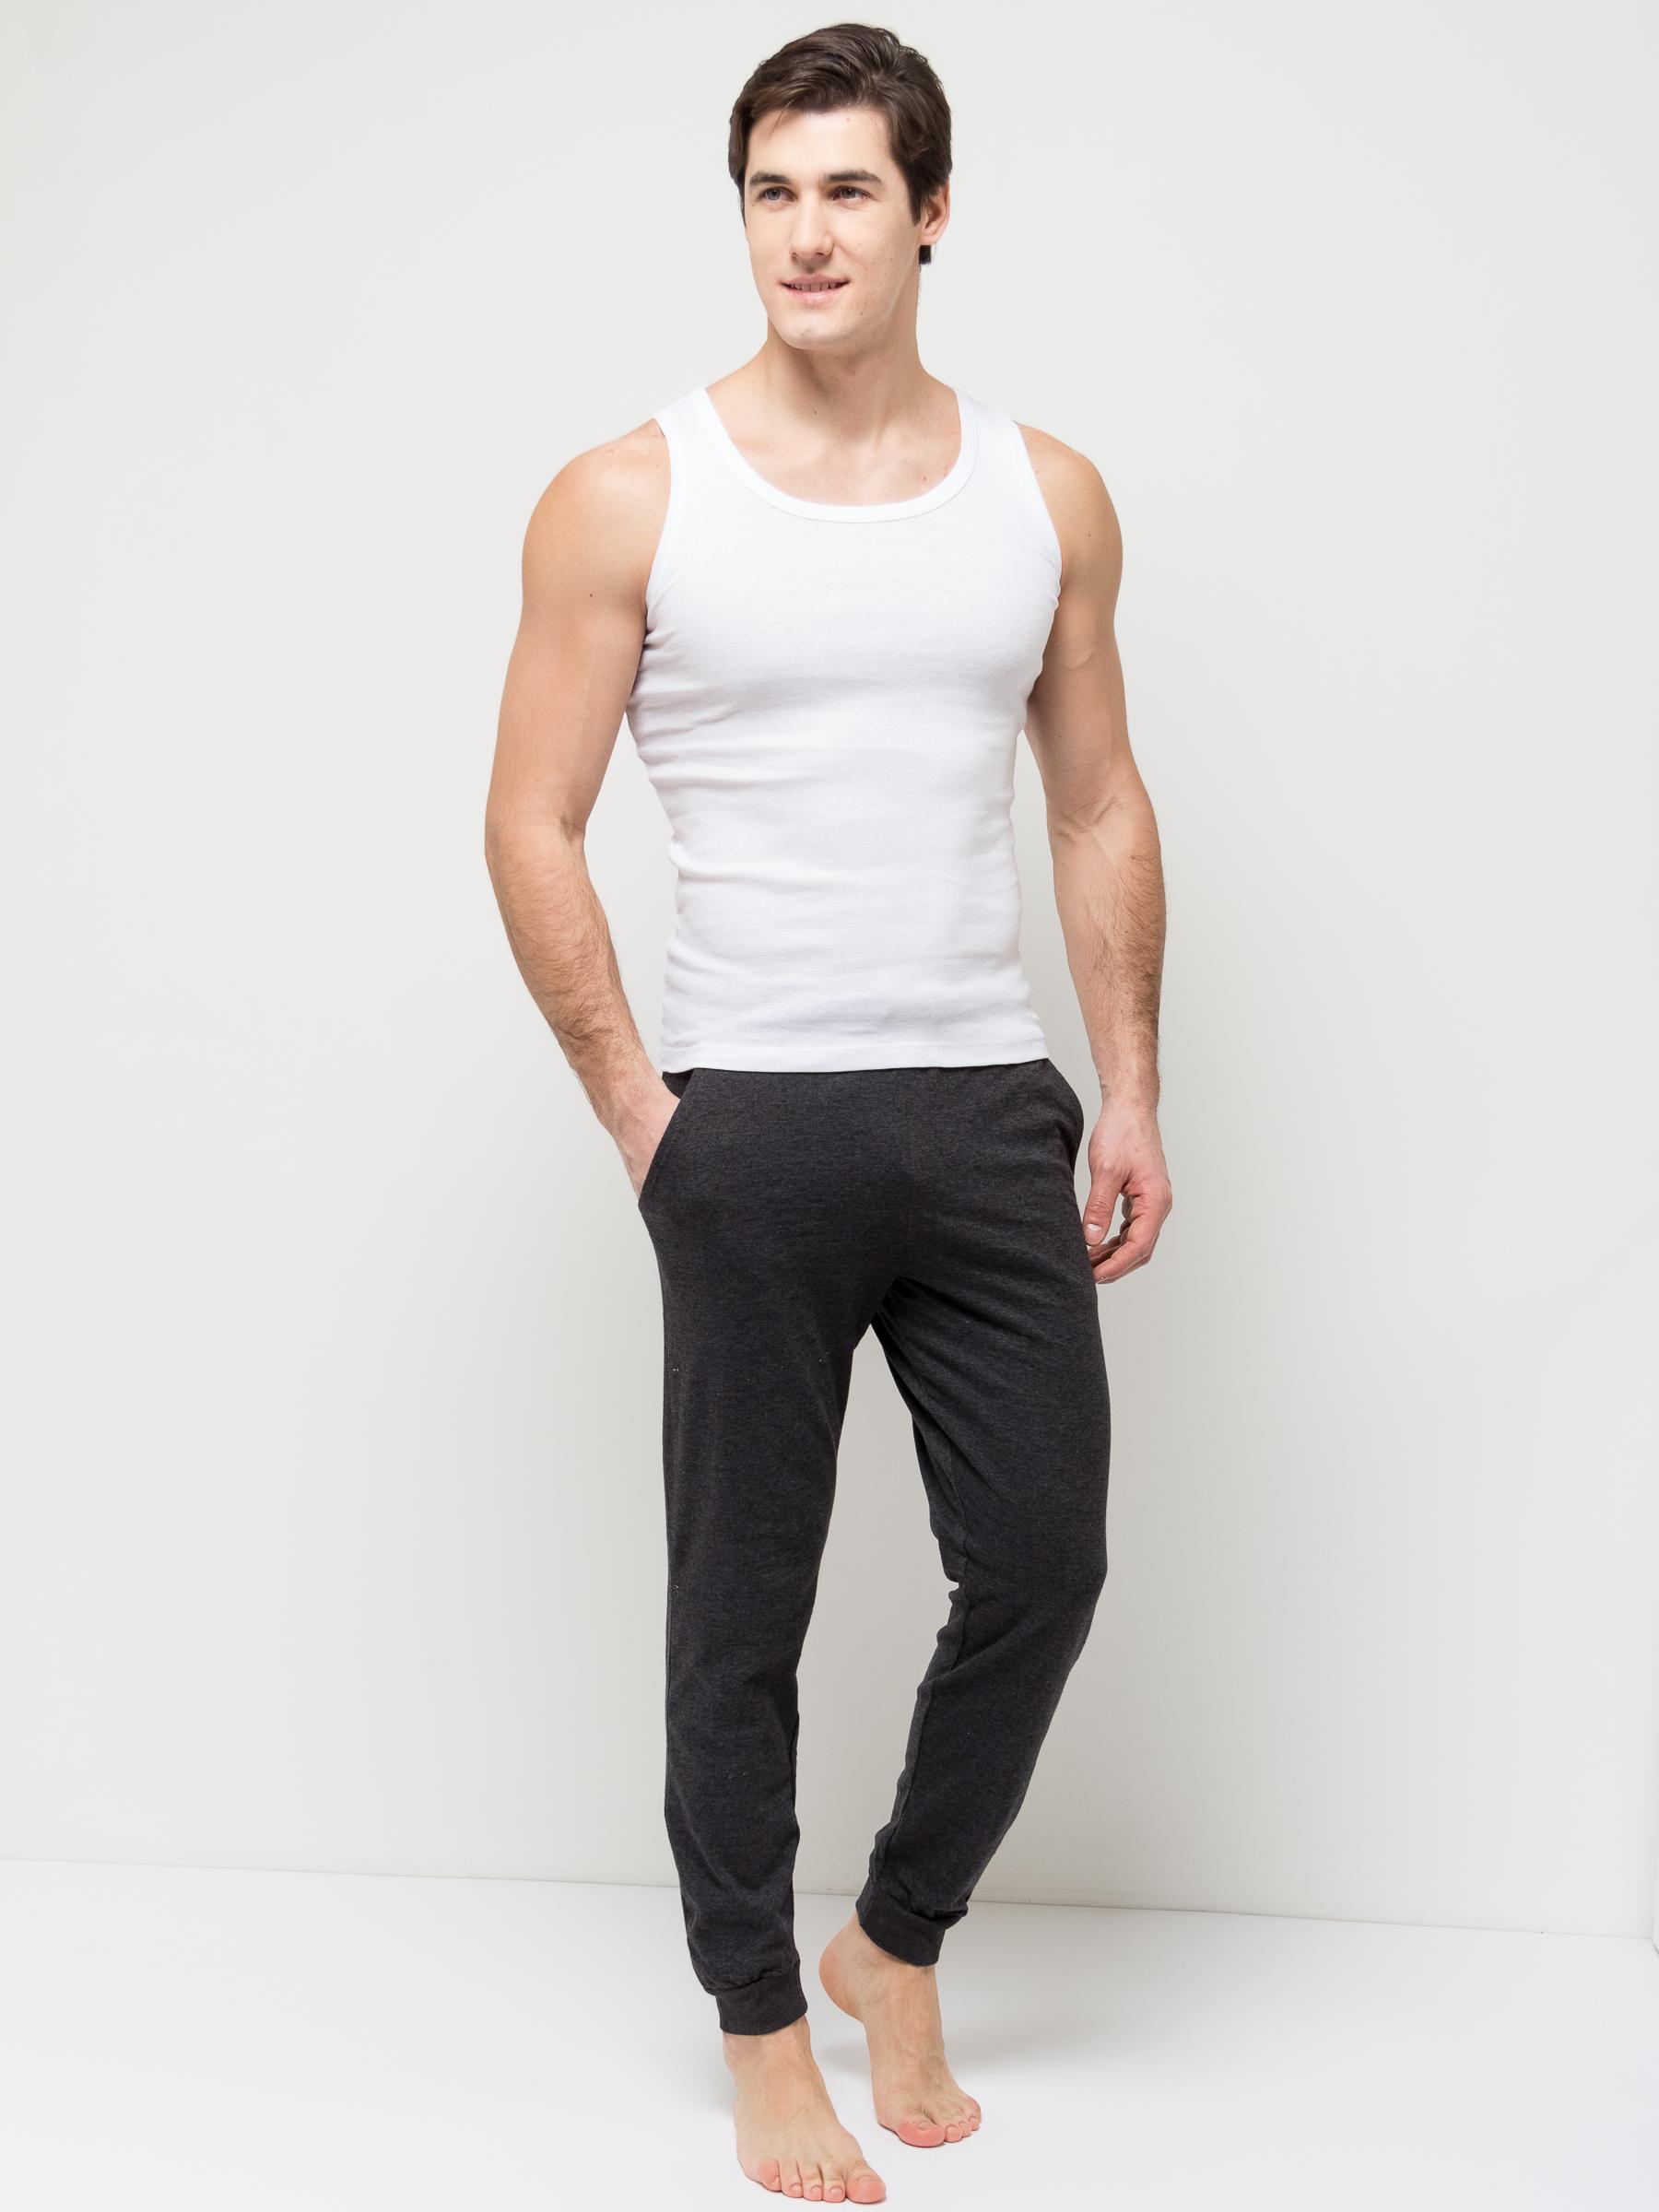 Брюки для домаPH-265/008-7101Удобные домашние брюки для мужчин Sela выполнены из качественного хлопкового материала. Брюки полуприлегающего кроя и стандартной посадки на талии имеют широкий пояс на мягкой резинке, дополнительно регулируемый шнурком. Низ брючин дополнен мягкими трикотажными манжетами. Модель дополнена двумя втачными карманами спереди и накладным карманом сзади.